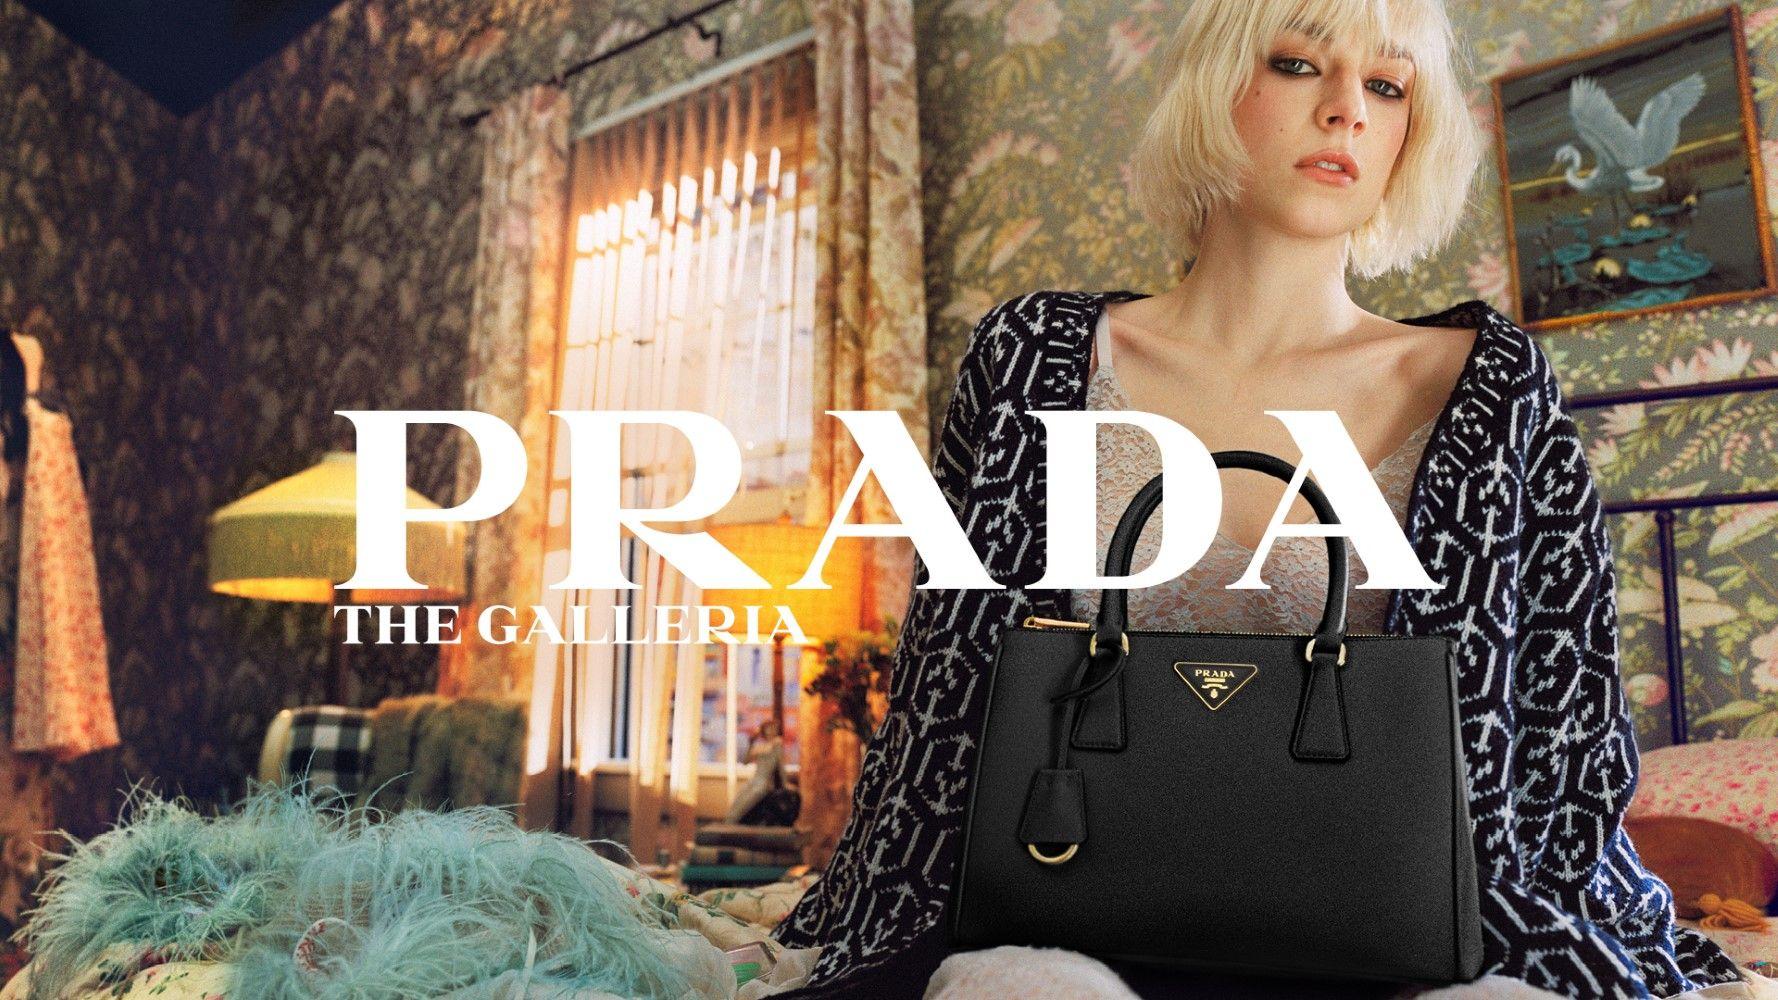 Prada The Galleria 2